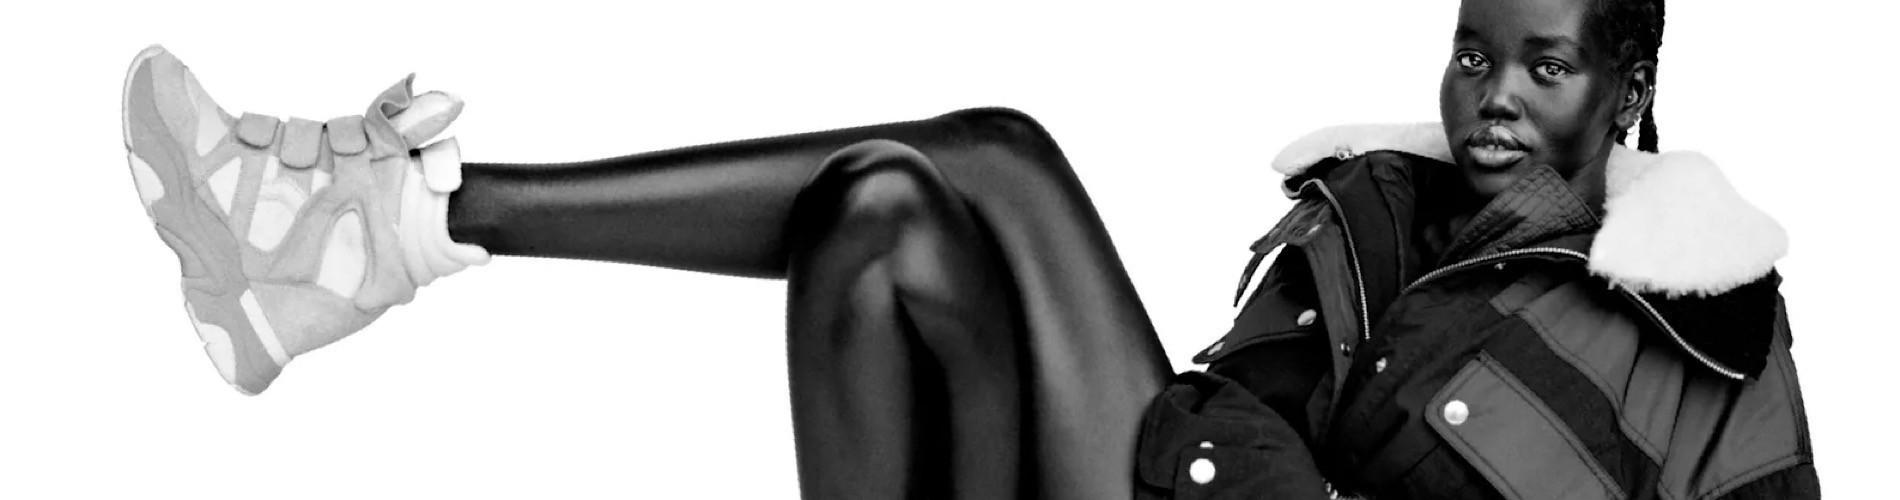 Calzado de Mujer Online - Comprar Calzado